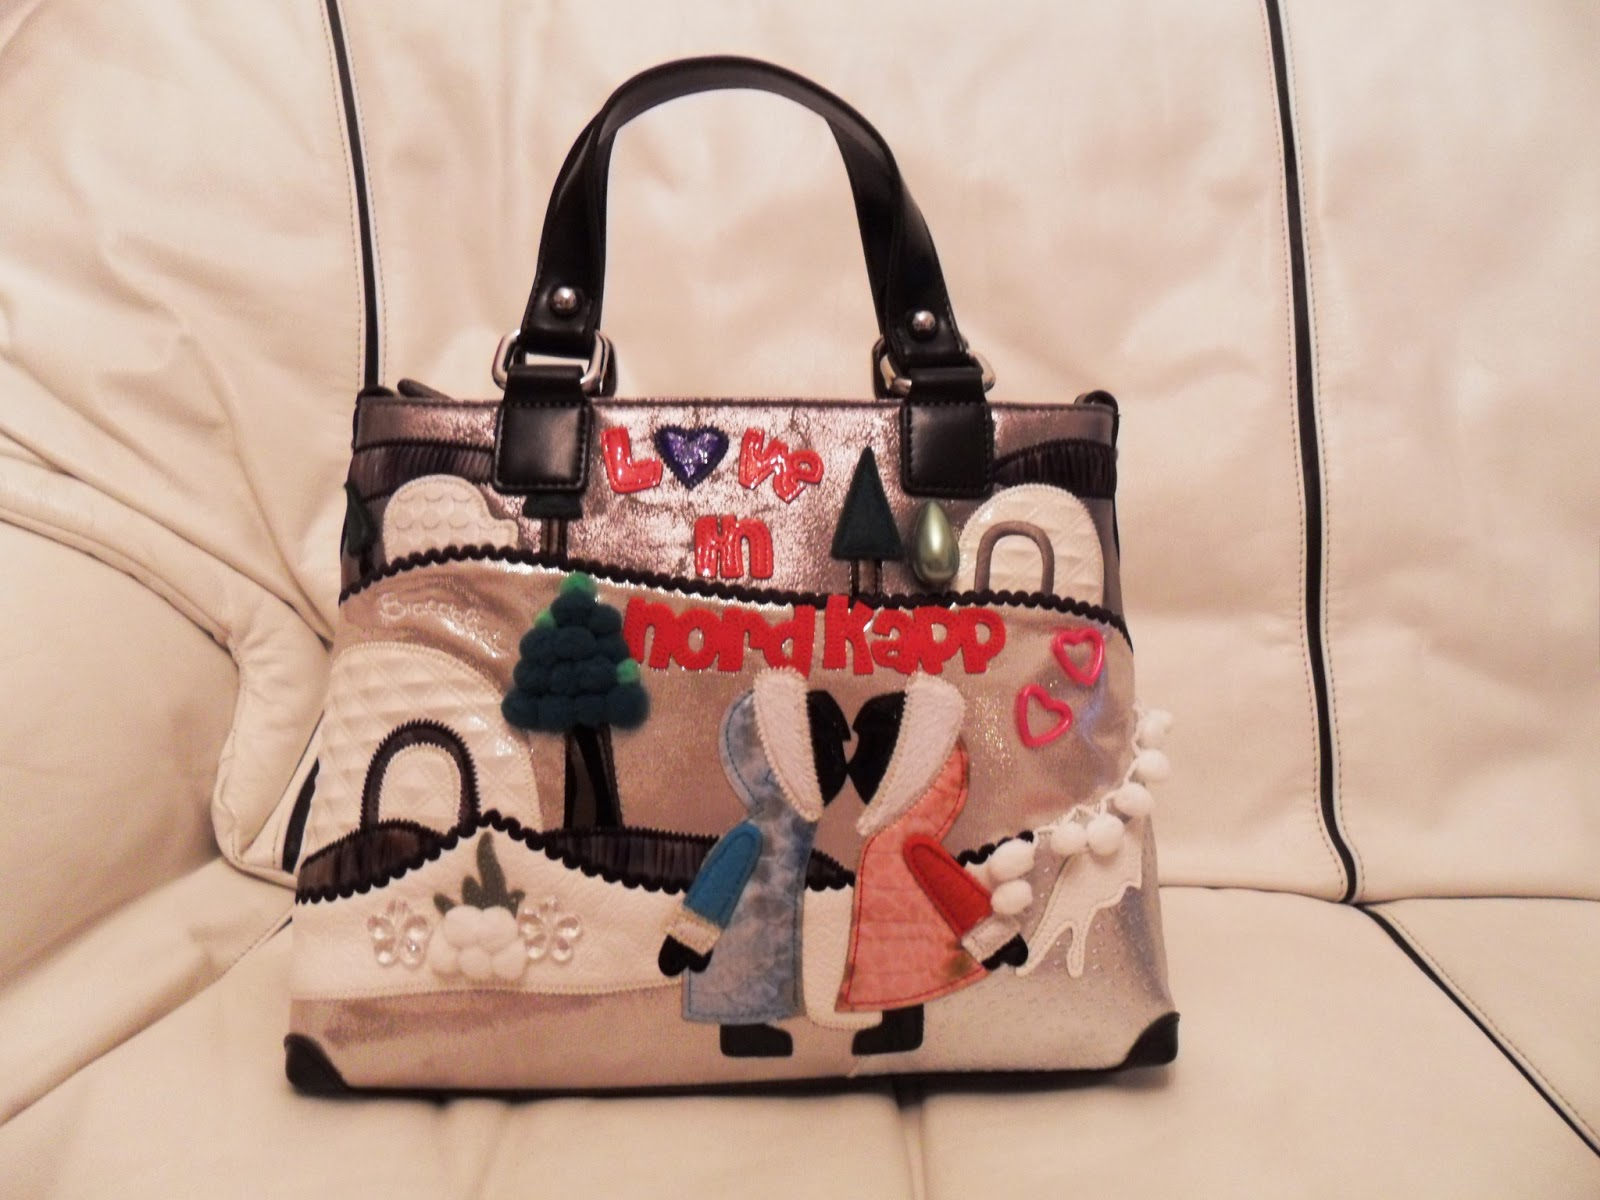 NEW IN__ Braccialini bag